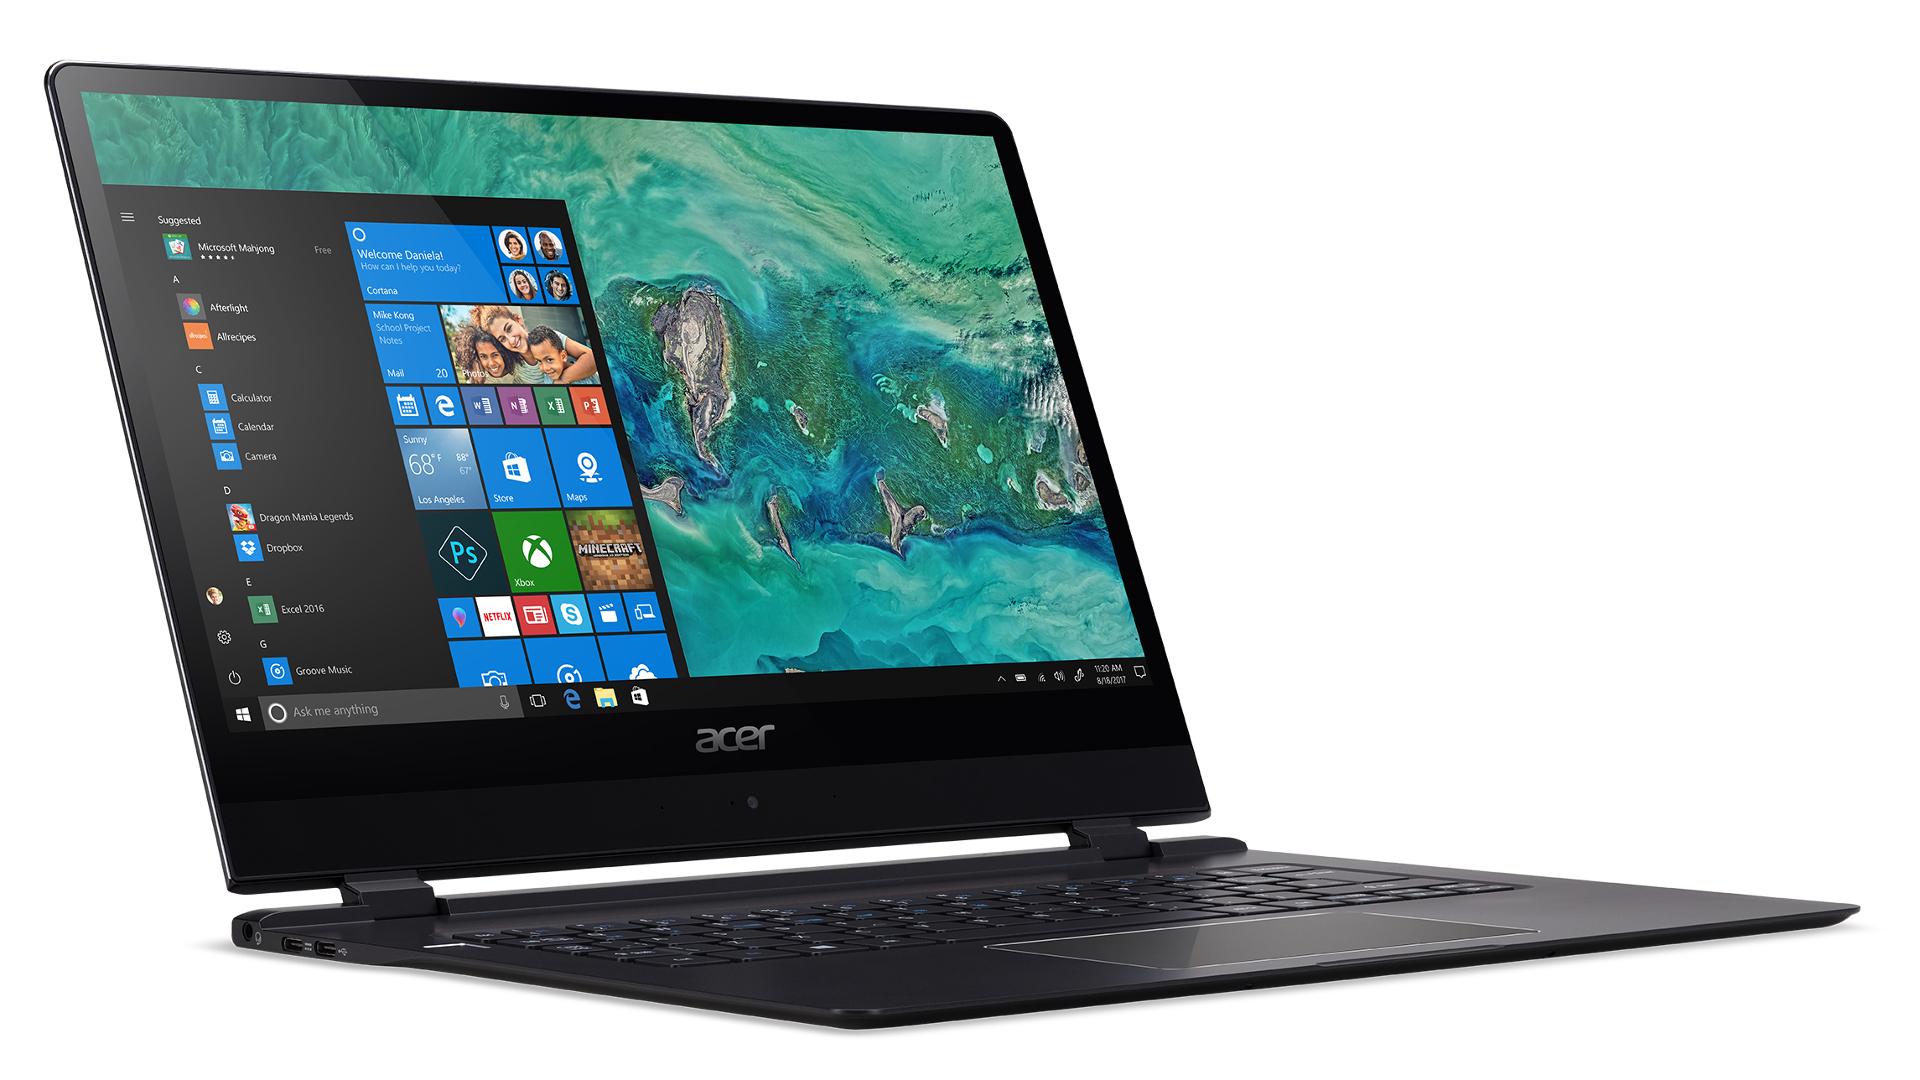 Kết quả hình ảnh cho Acer Swift 7 (2018) hands-on review